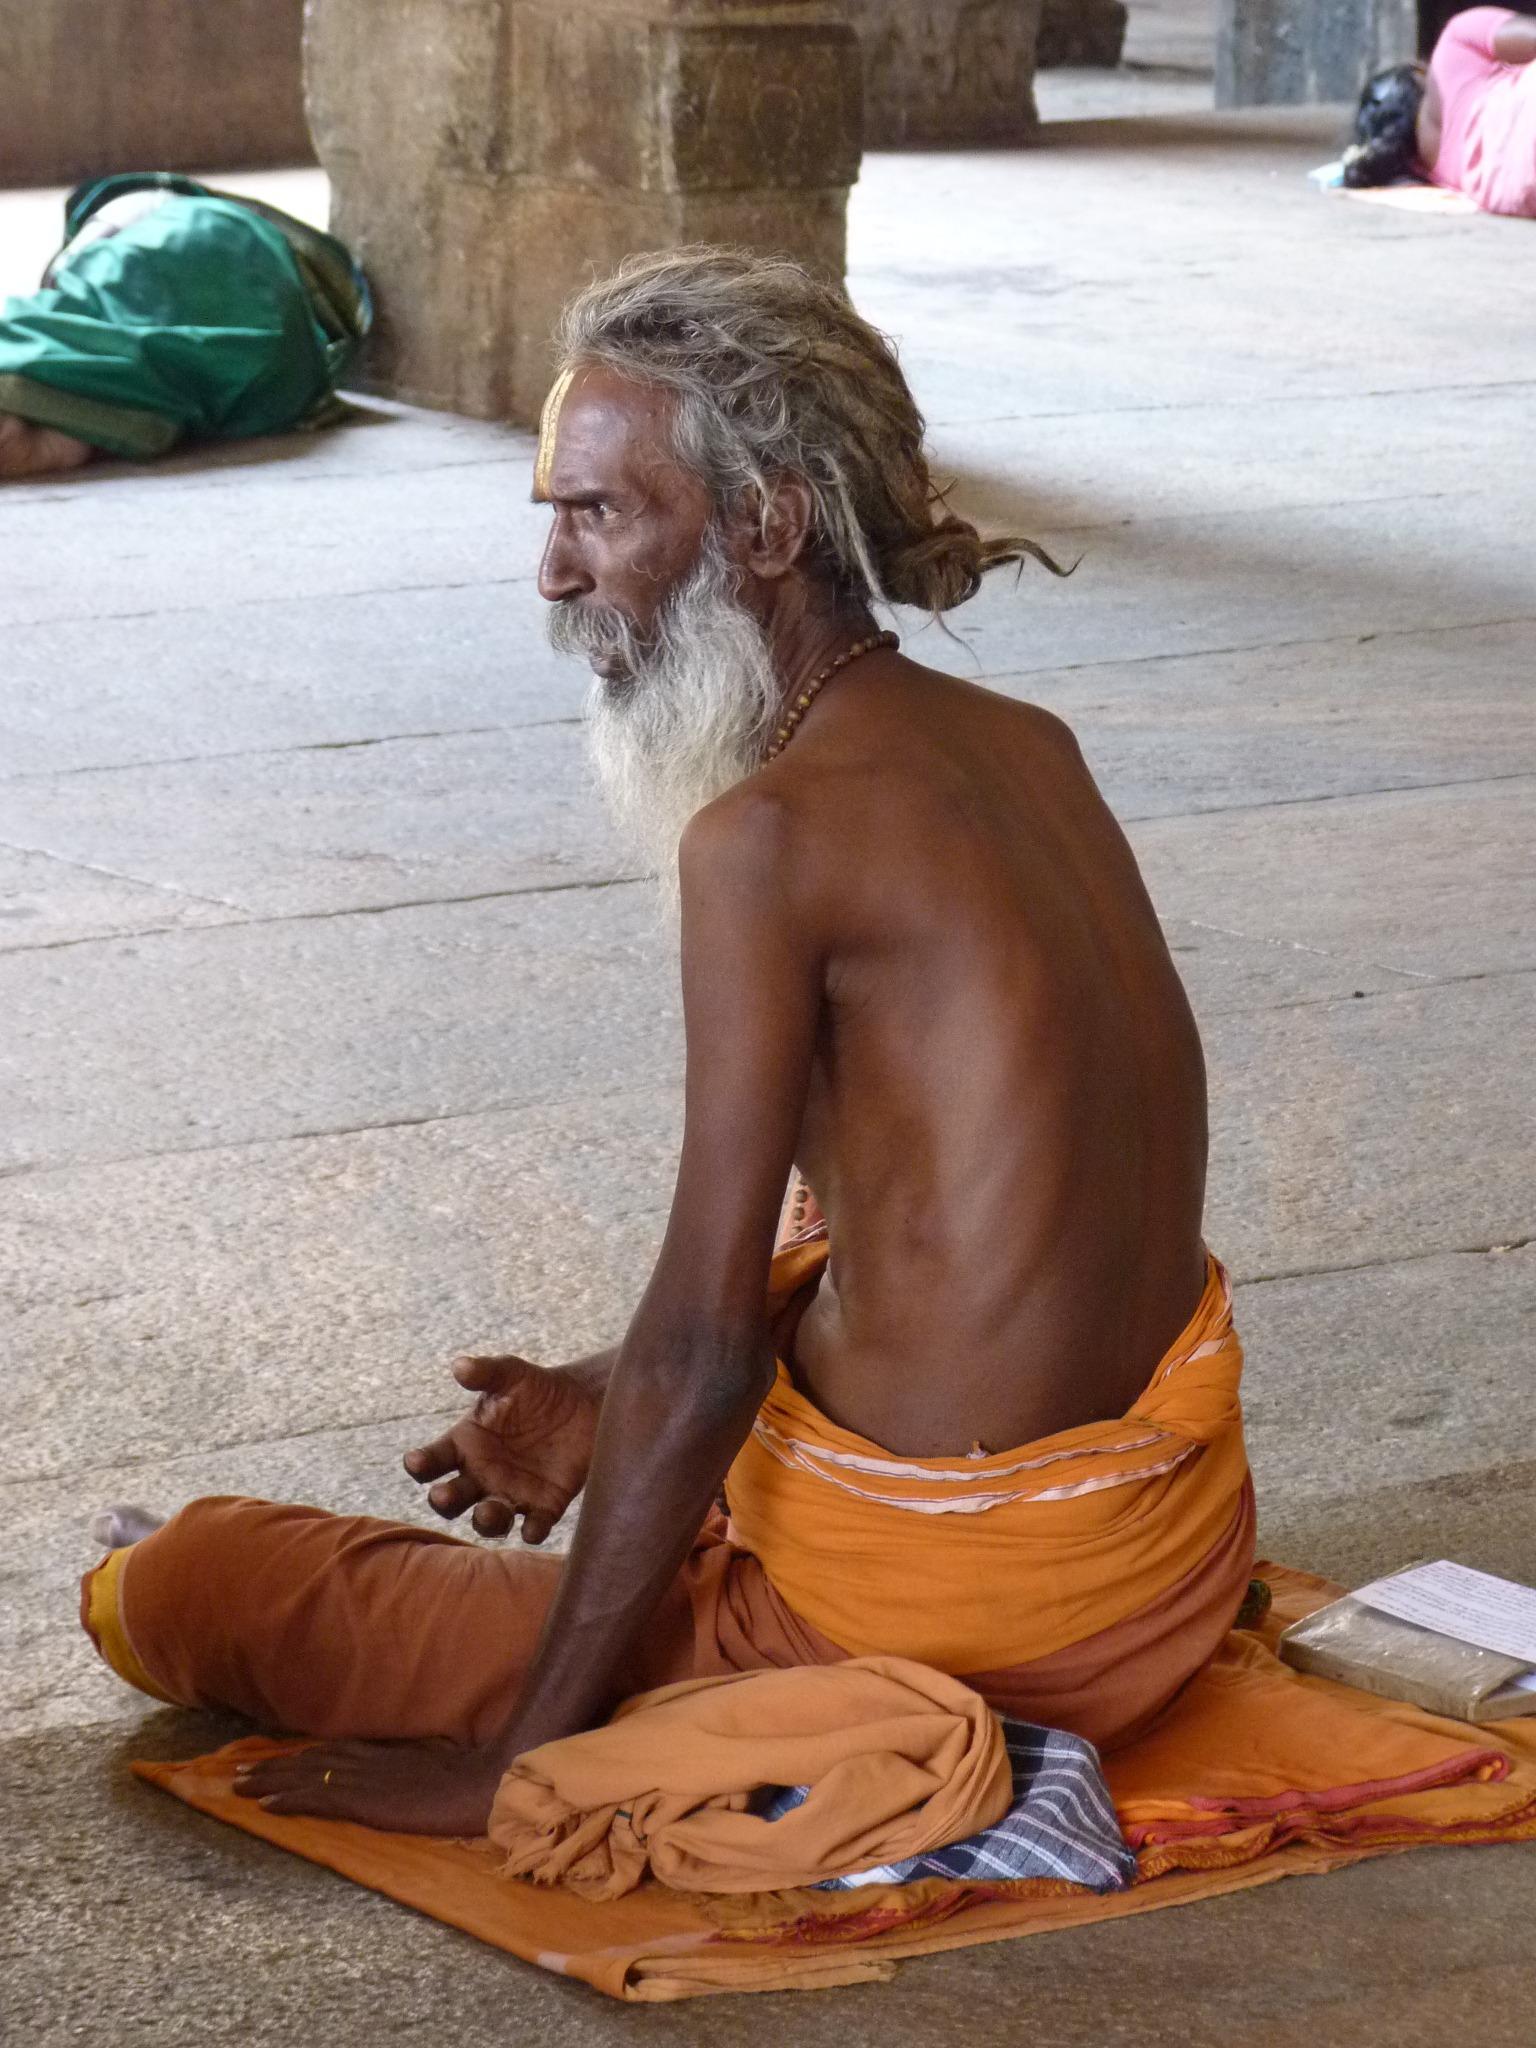 также посетить стоячие монахи индия фото дня